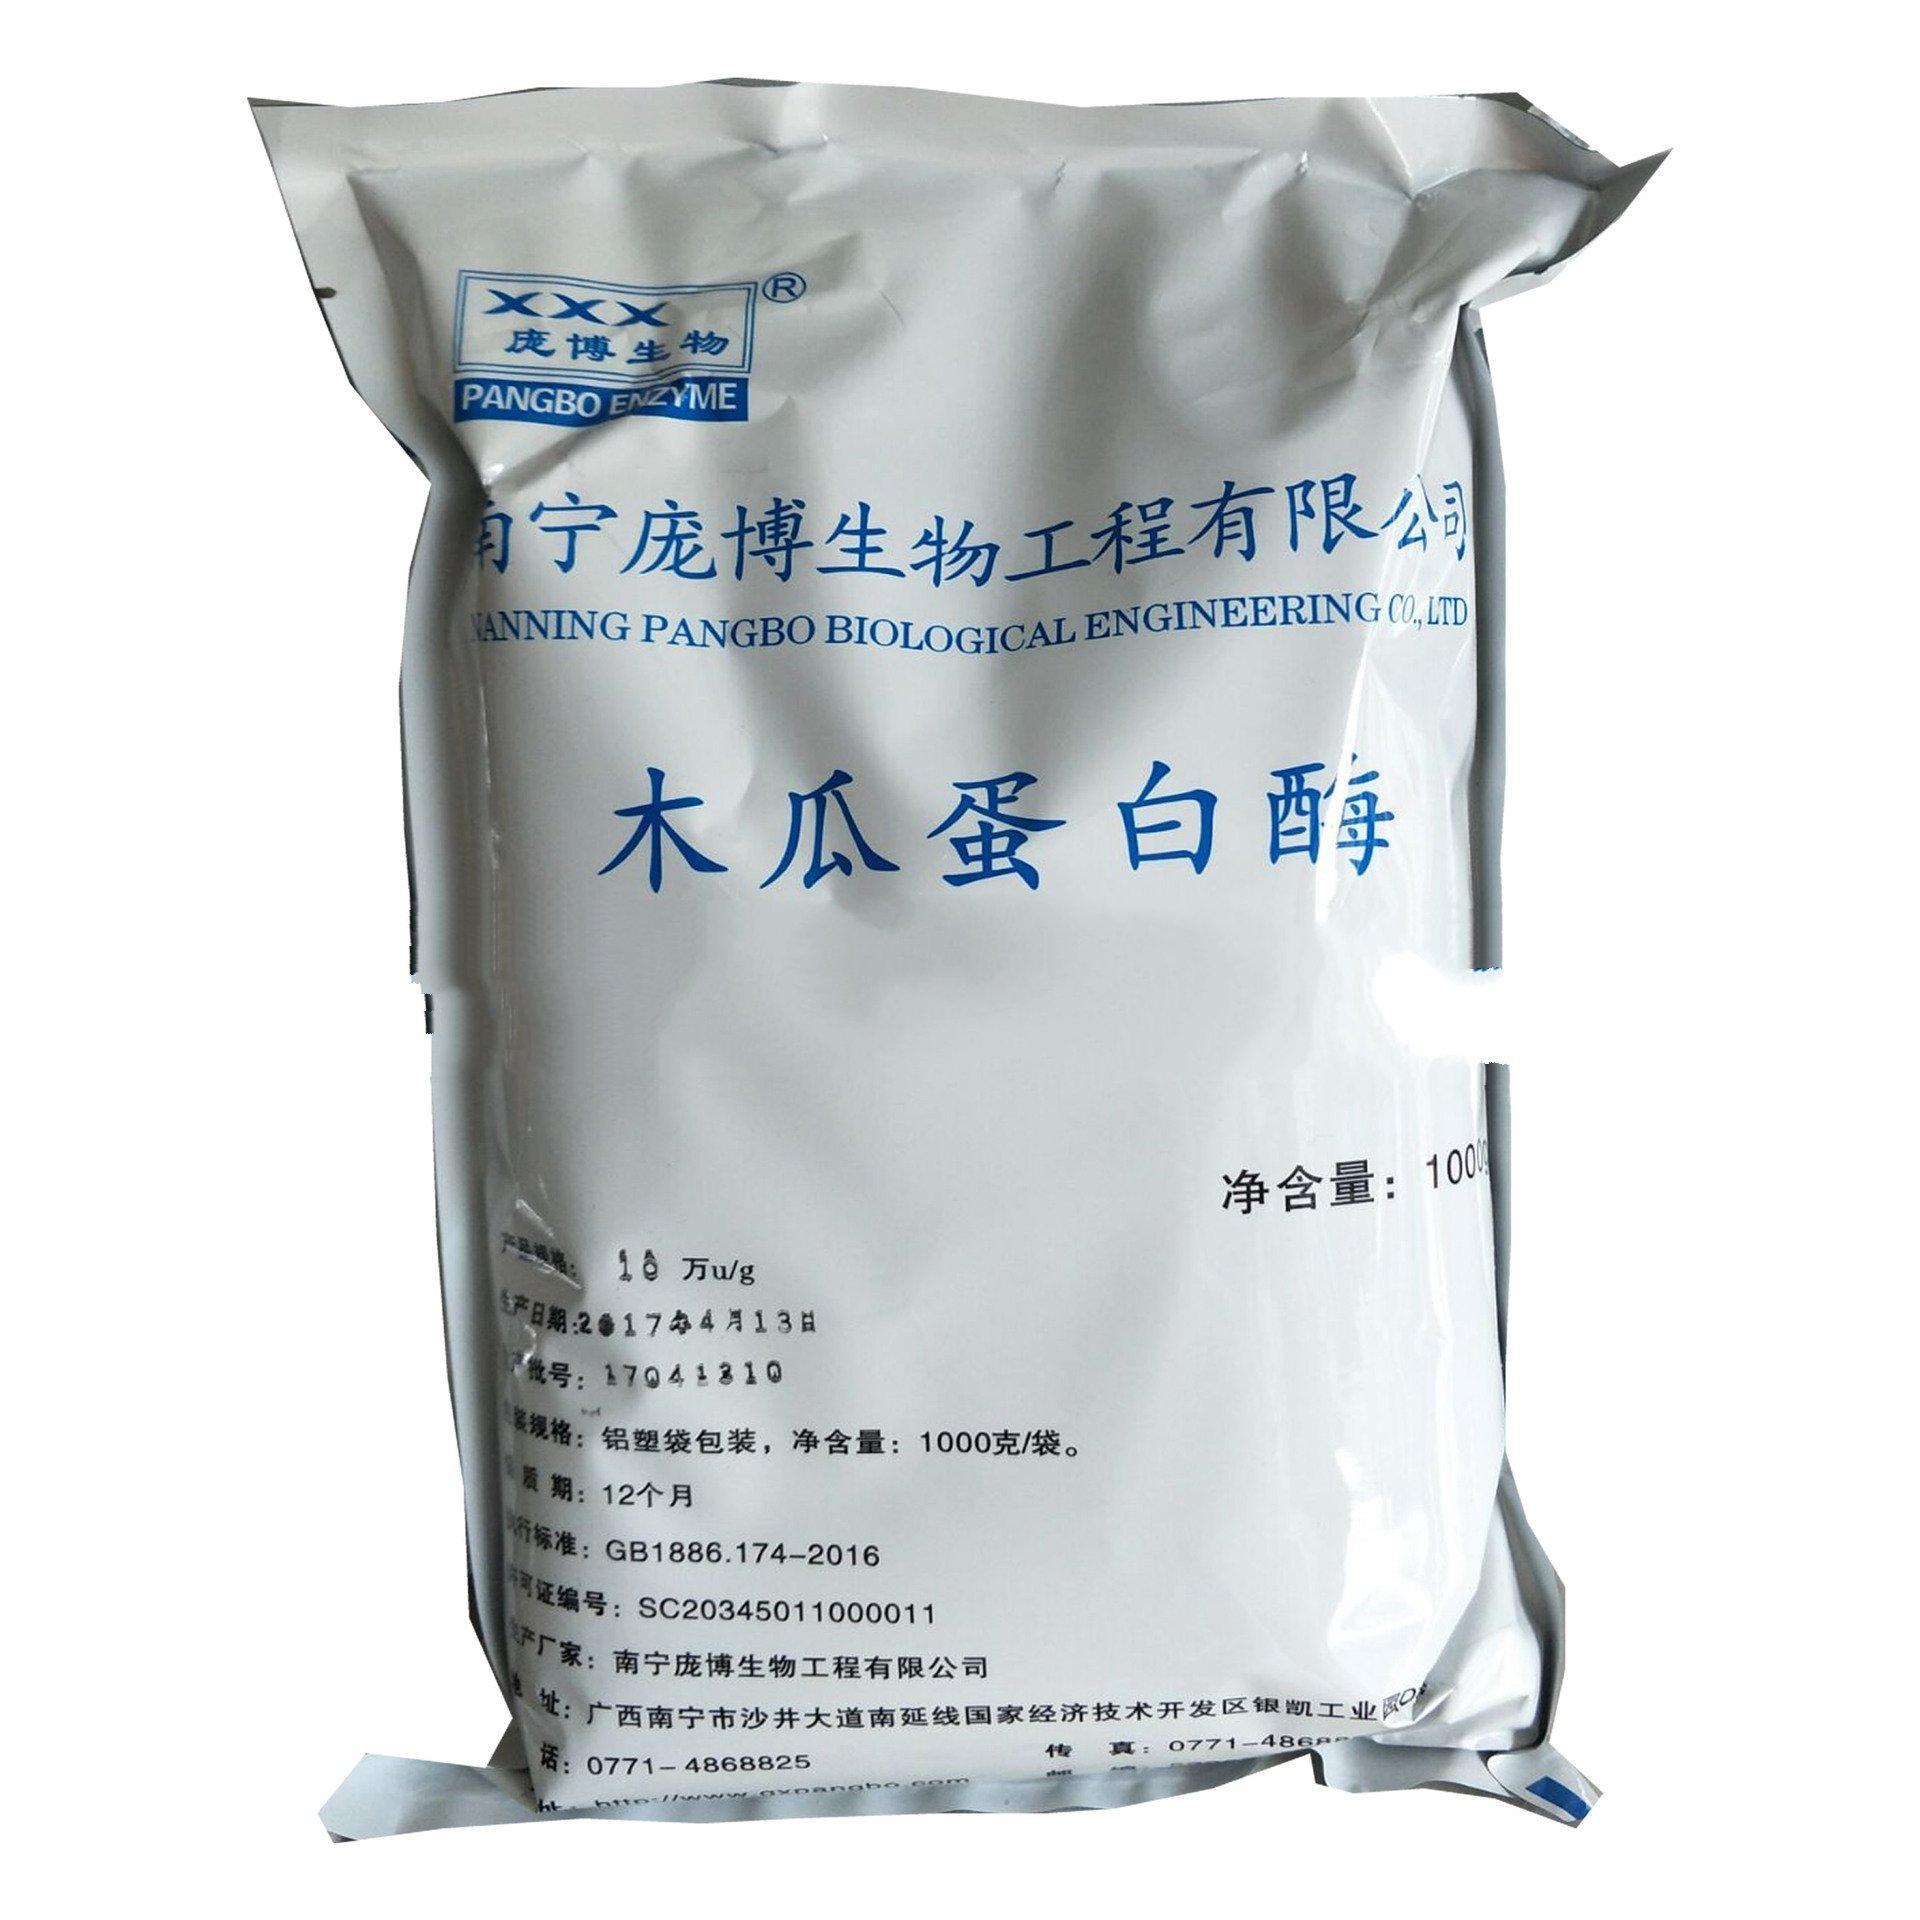 食用木瓜蛋白酶 10万活力的用法  使用量  产品报价